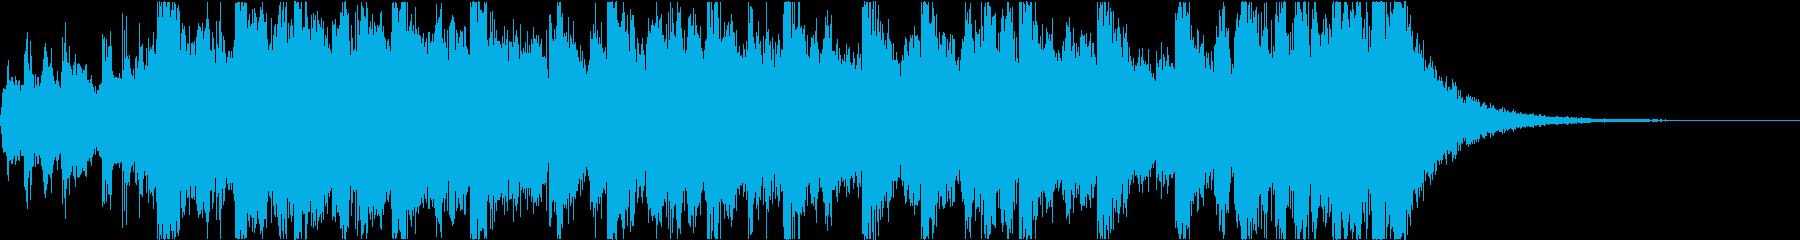 勇壮なエピックオーケストラジングル(短)の再生済みの波形